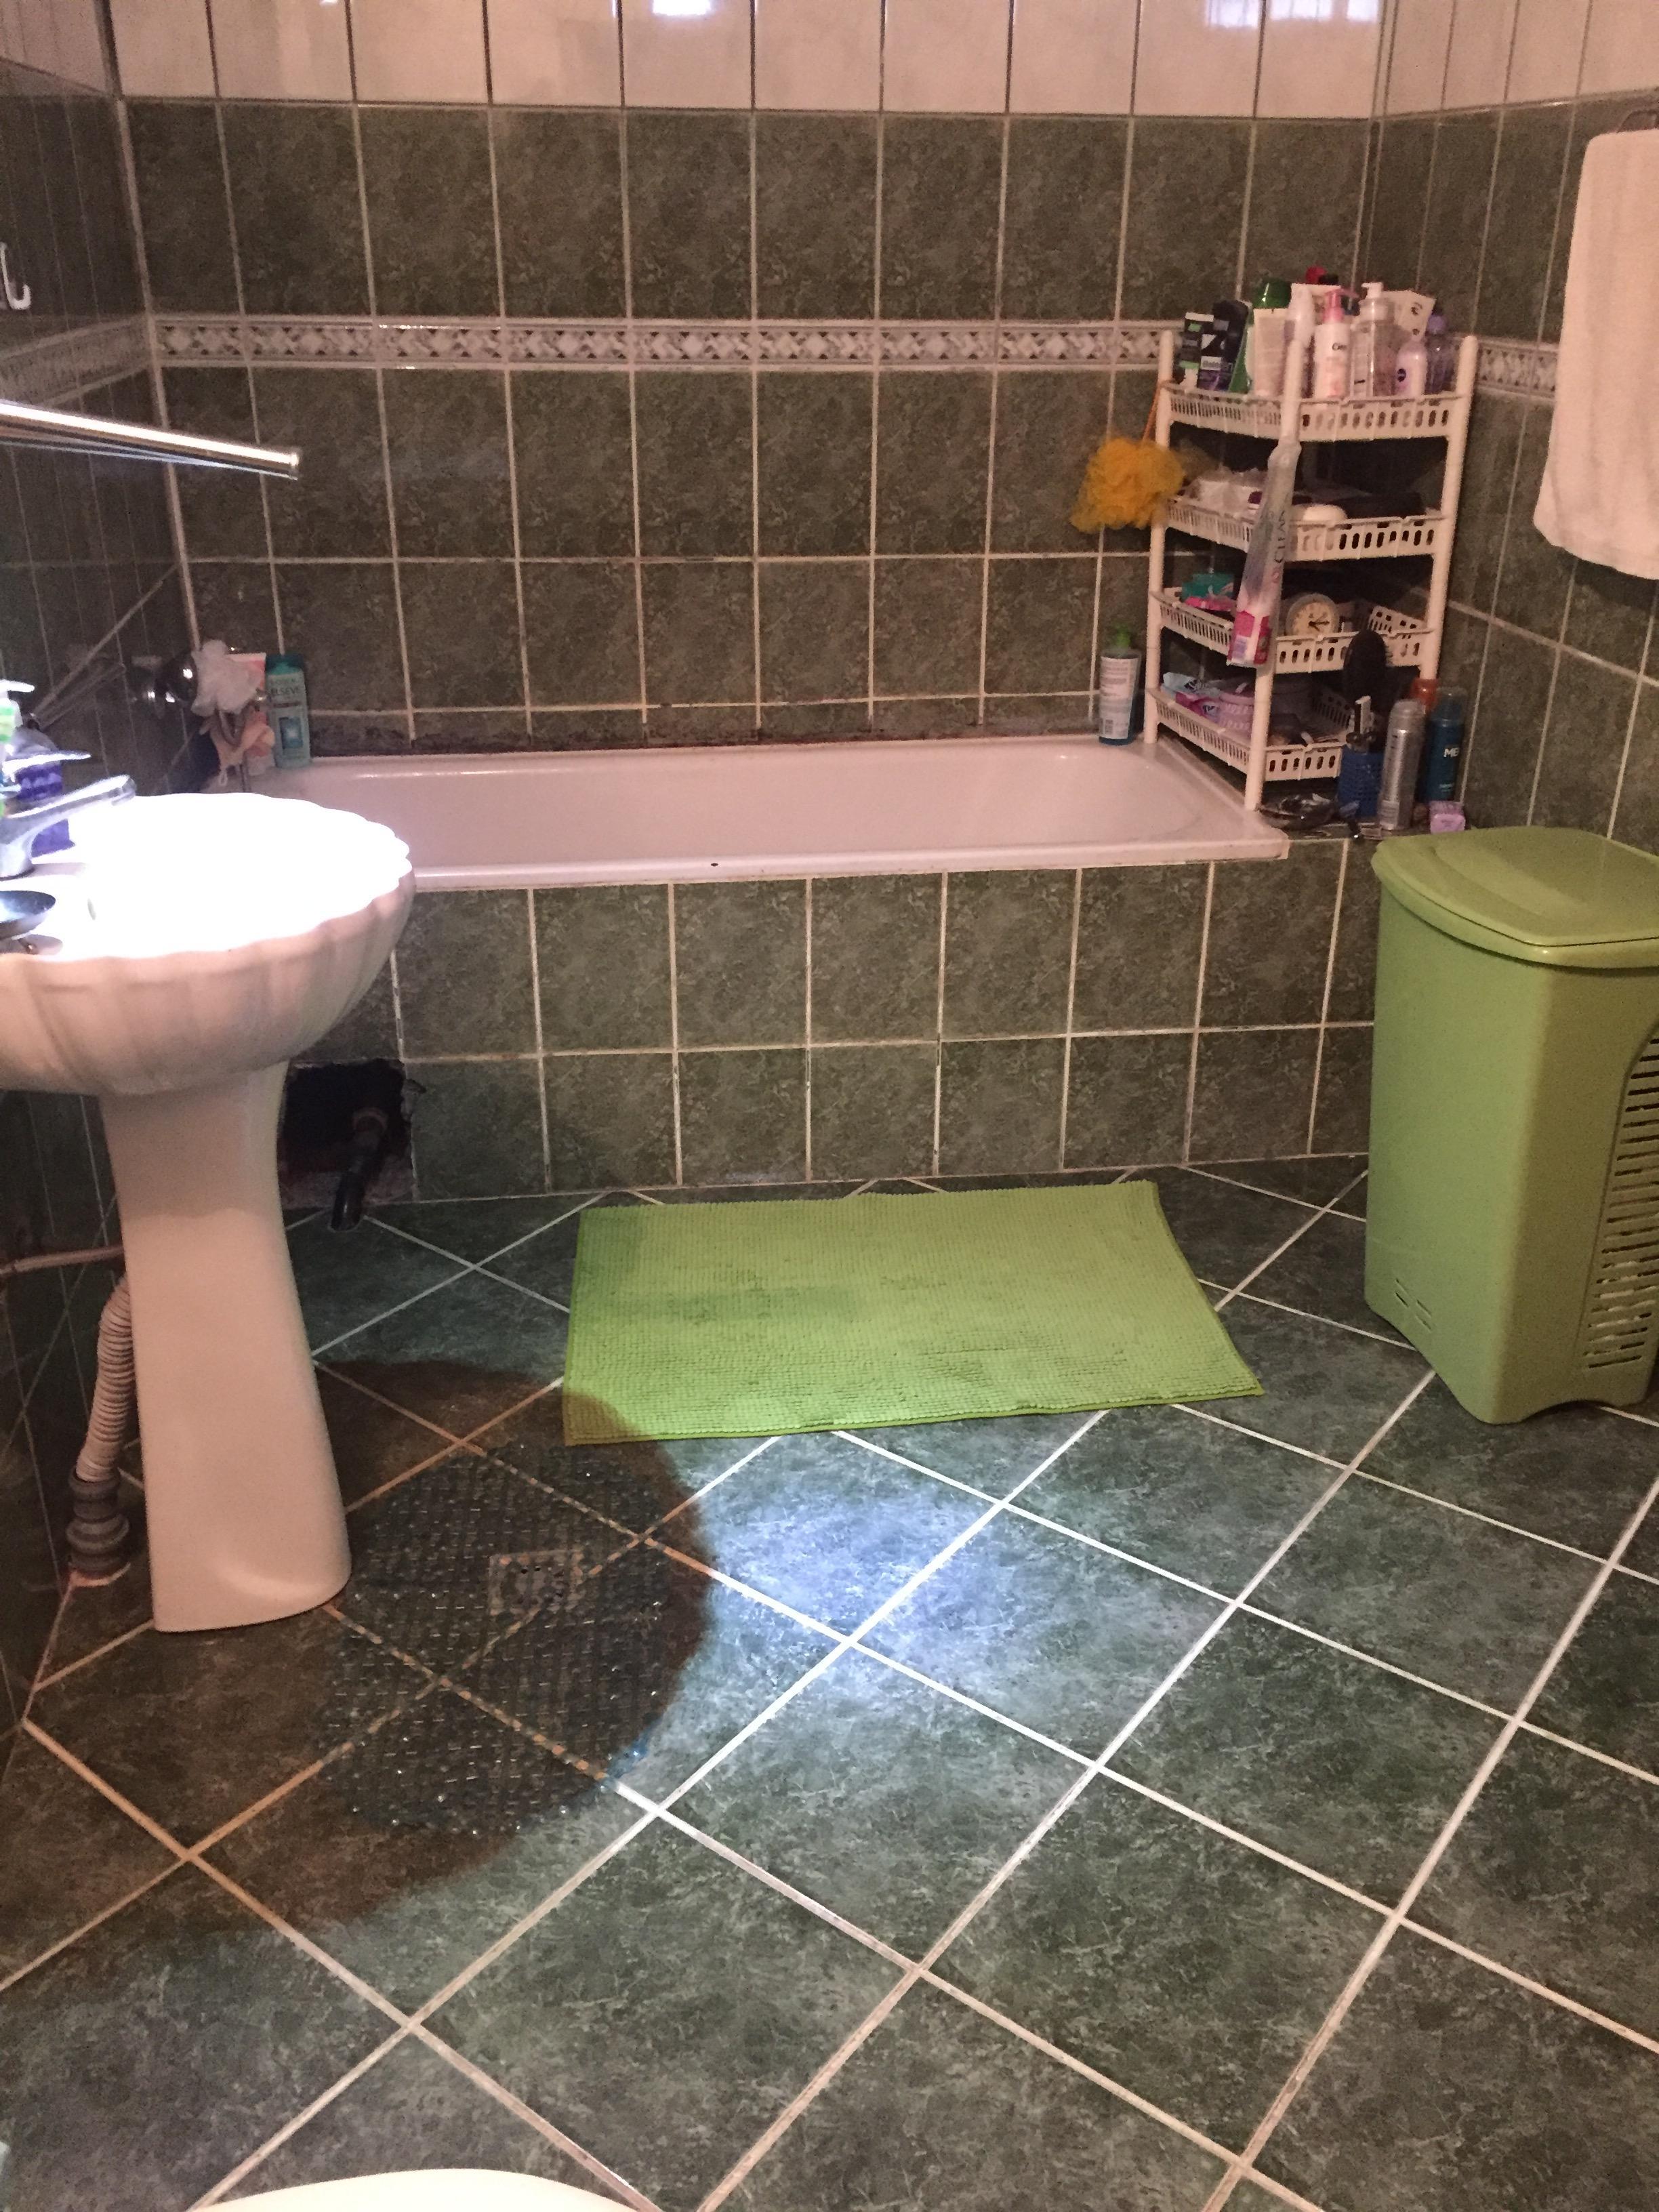 thisbathroomneedshelp2